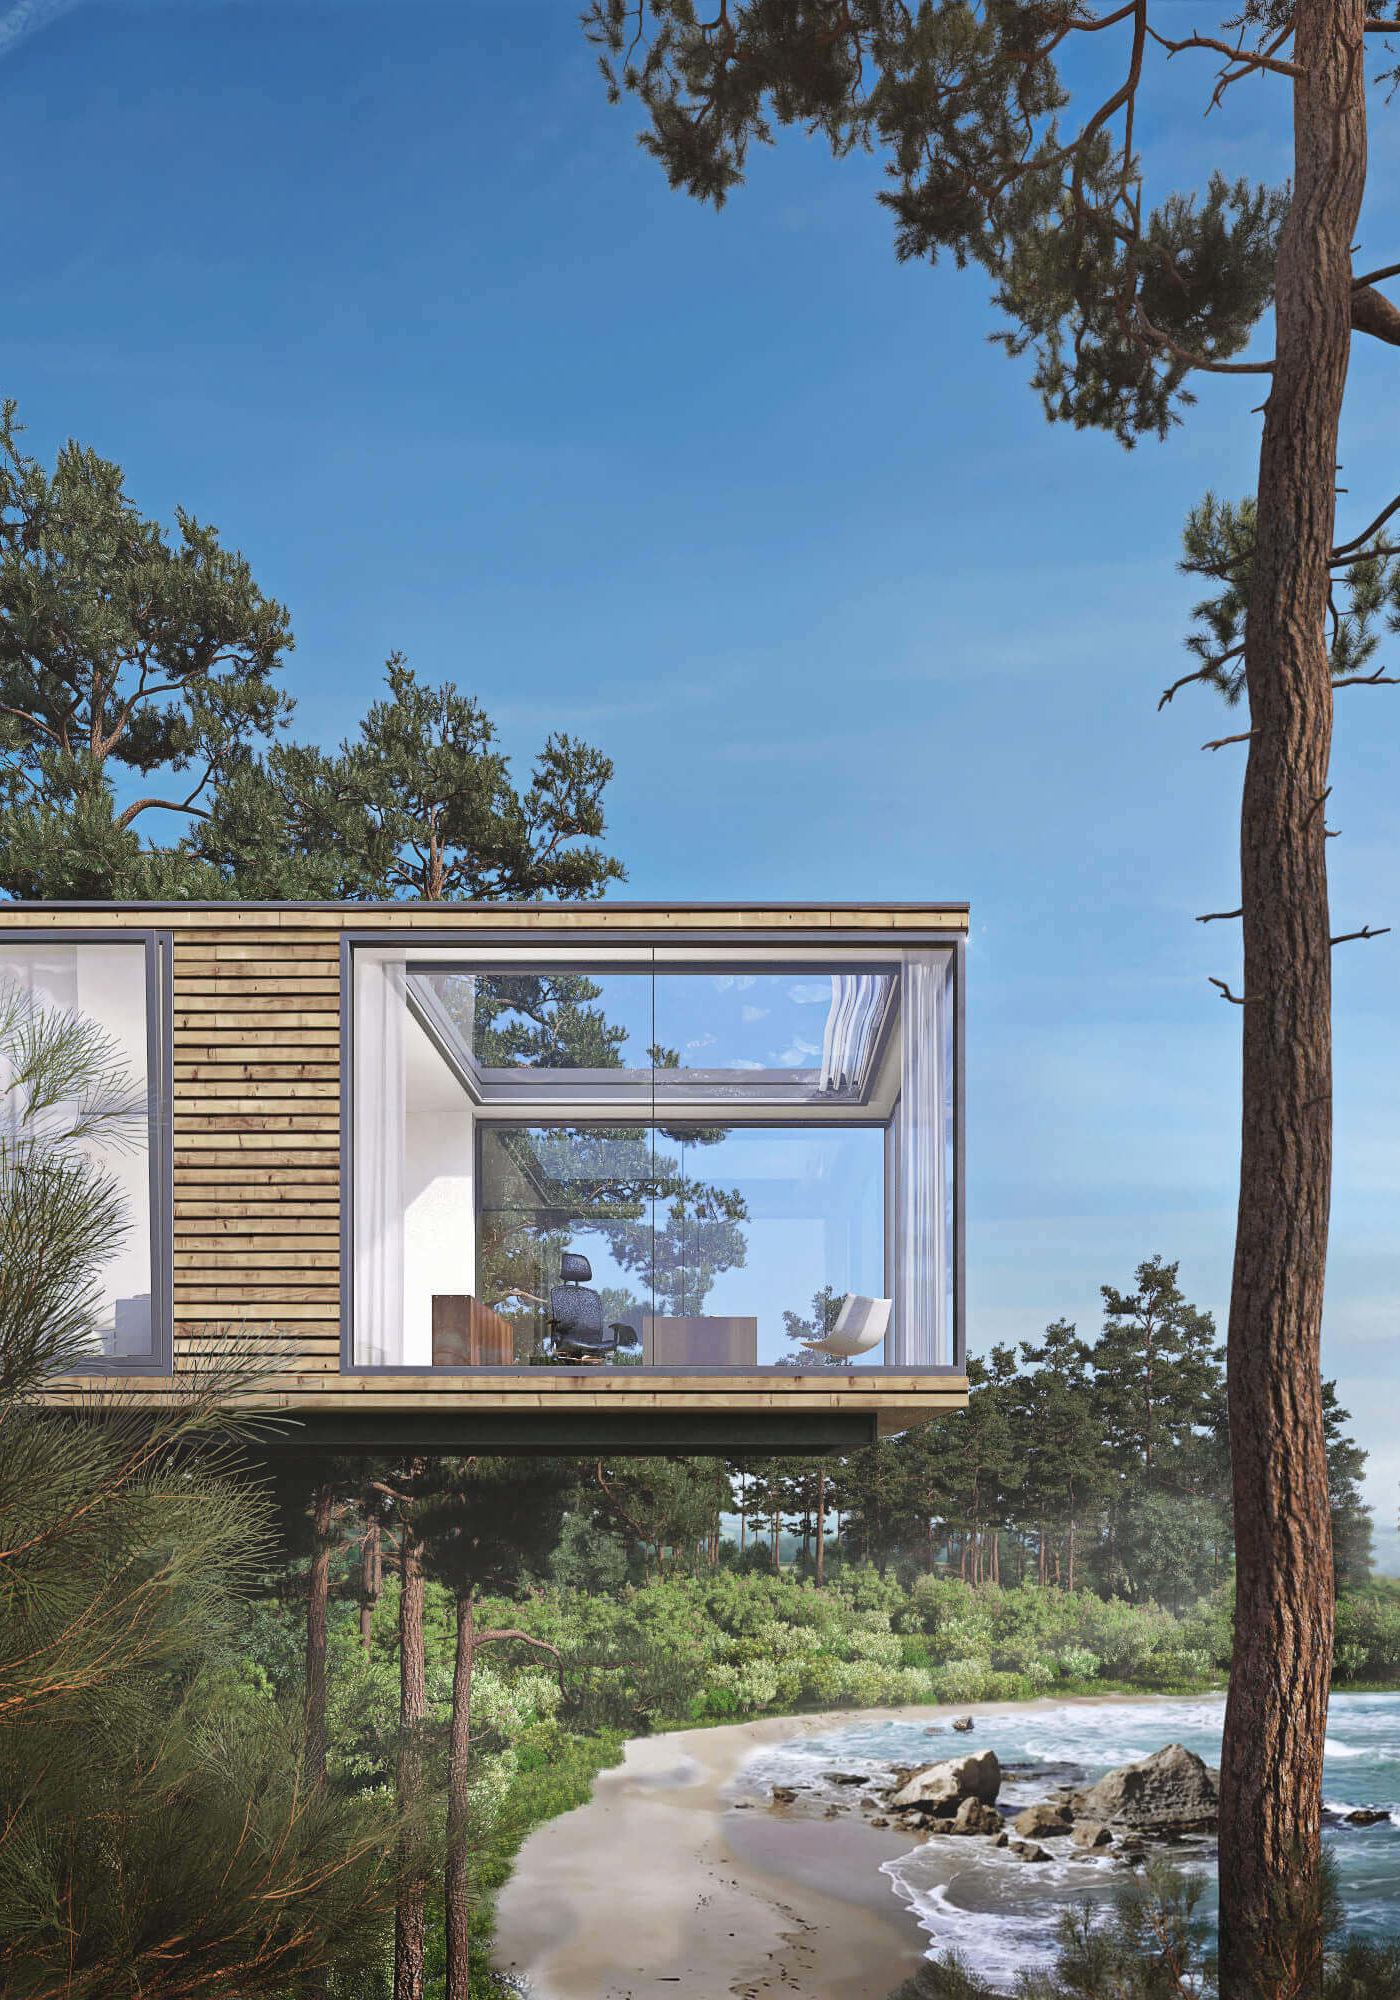 Ein Baumhaus mit Blick auf den Strand und das Meer.